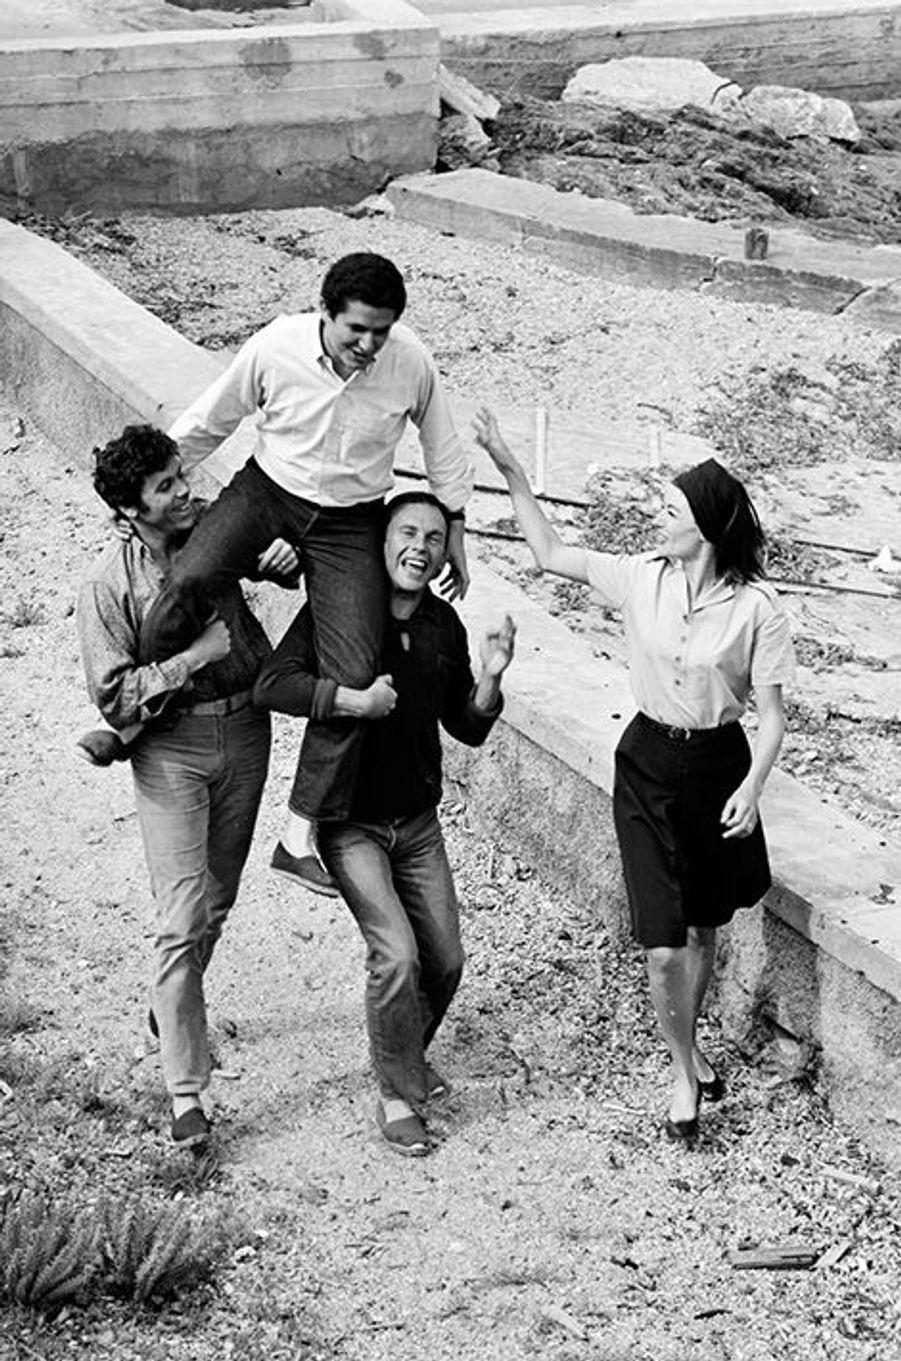 L'équipe d'«Un homme et une femme» vient d'apprendre qu'elle a remporté la Palme d'or, mai 1966